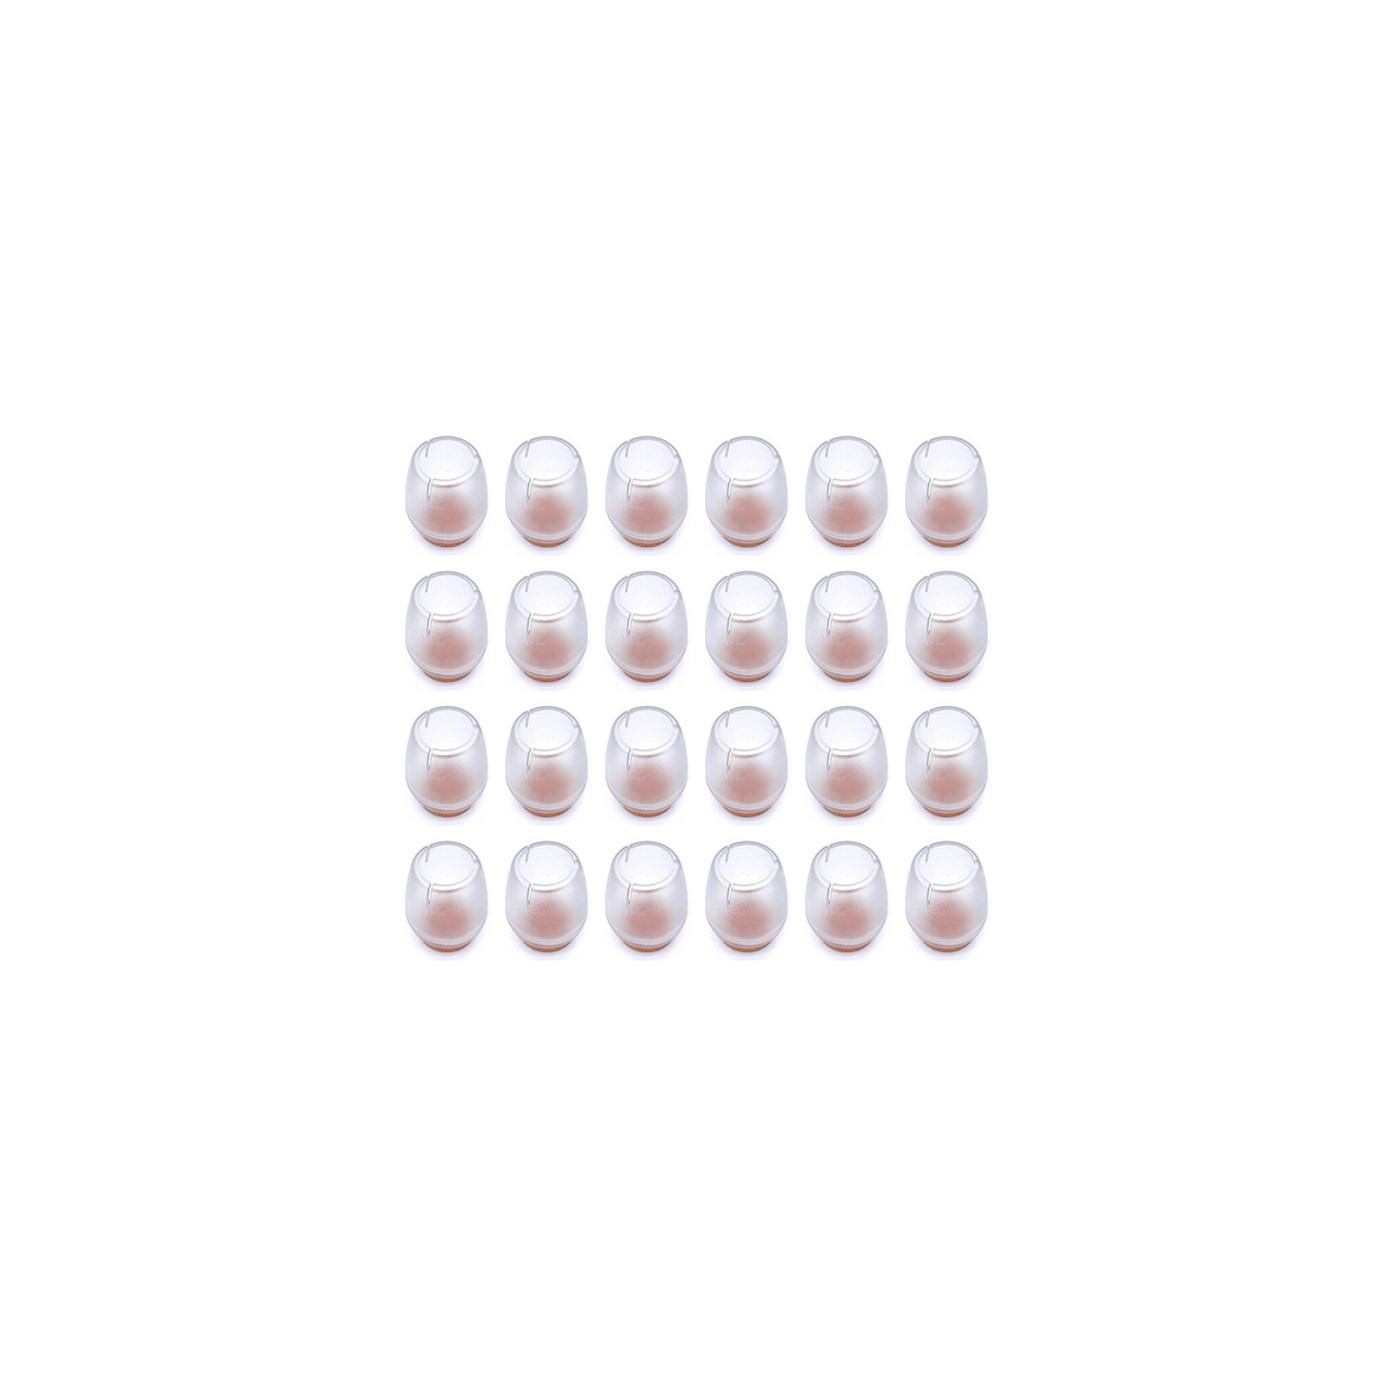 Set von 16 kunststoff Stuhlbeinkappen (Außenkappe, Filz, rund, 17-21 mm, transparent) [O-RO-17-21-T-F]  - 1